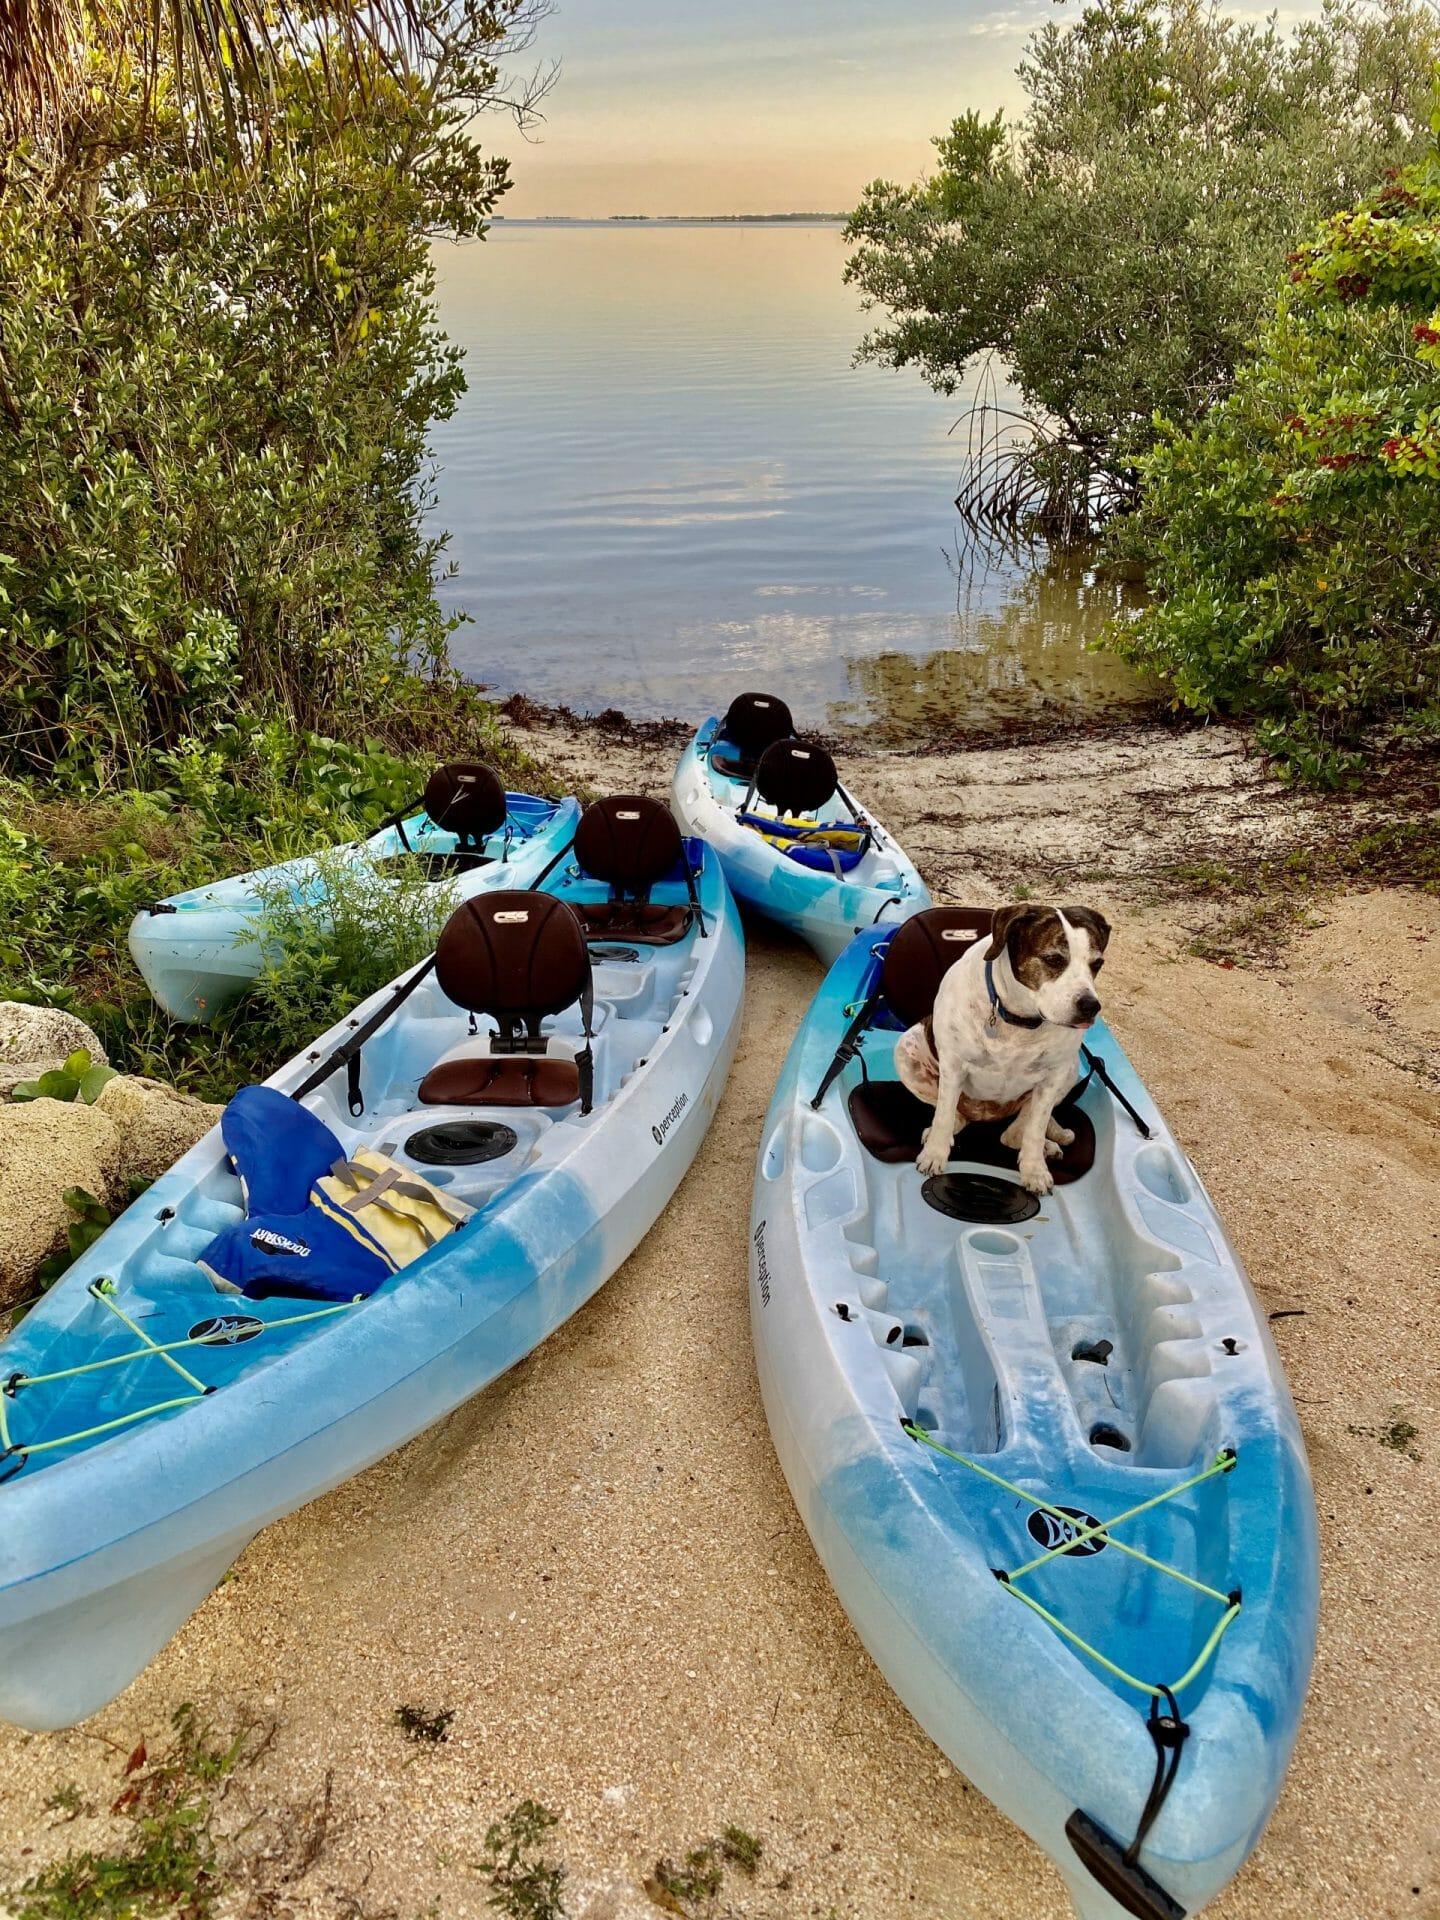 Kona Dog sitting in Kayak SoBe Surf & Paddle waterfront kayak rentals